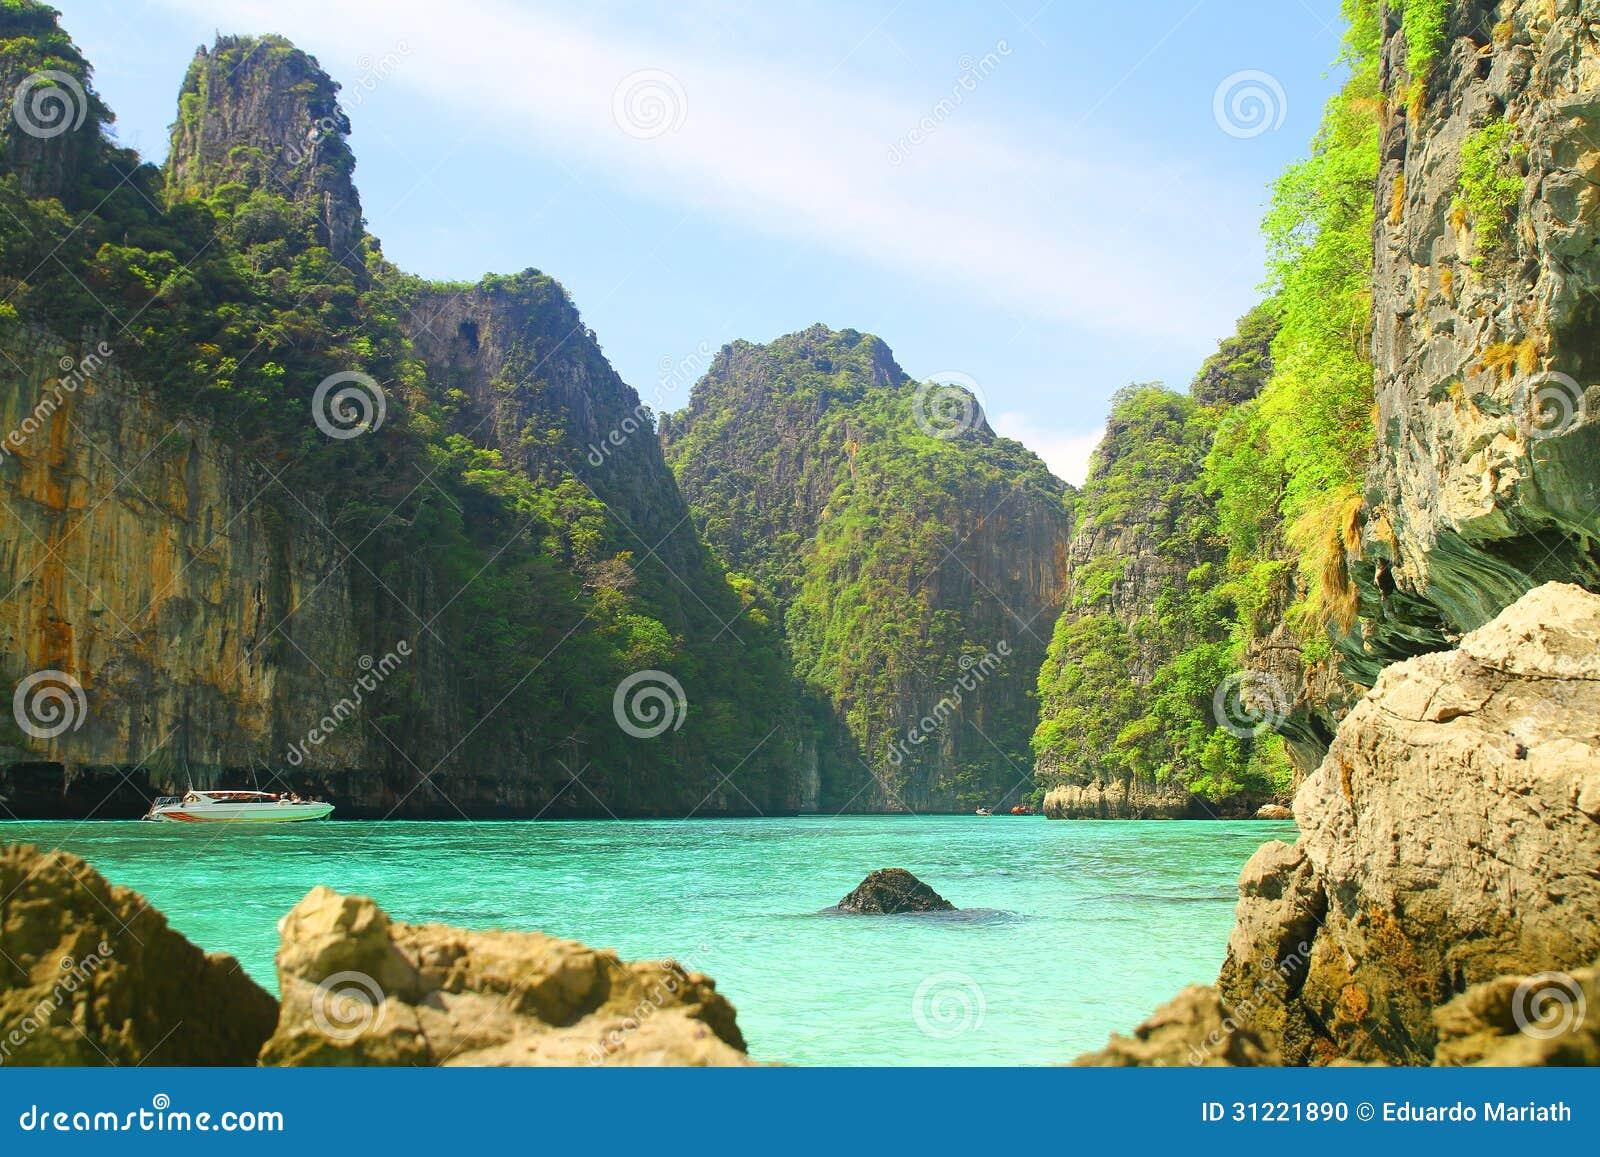 Baie de Pileh sur Koh Phi Phi Le Island - la Thaïlande